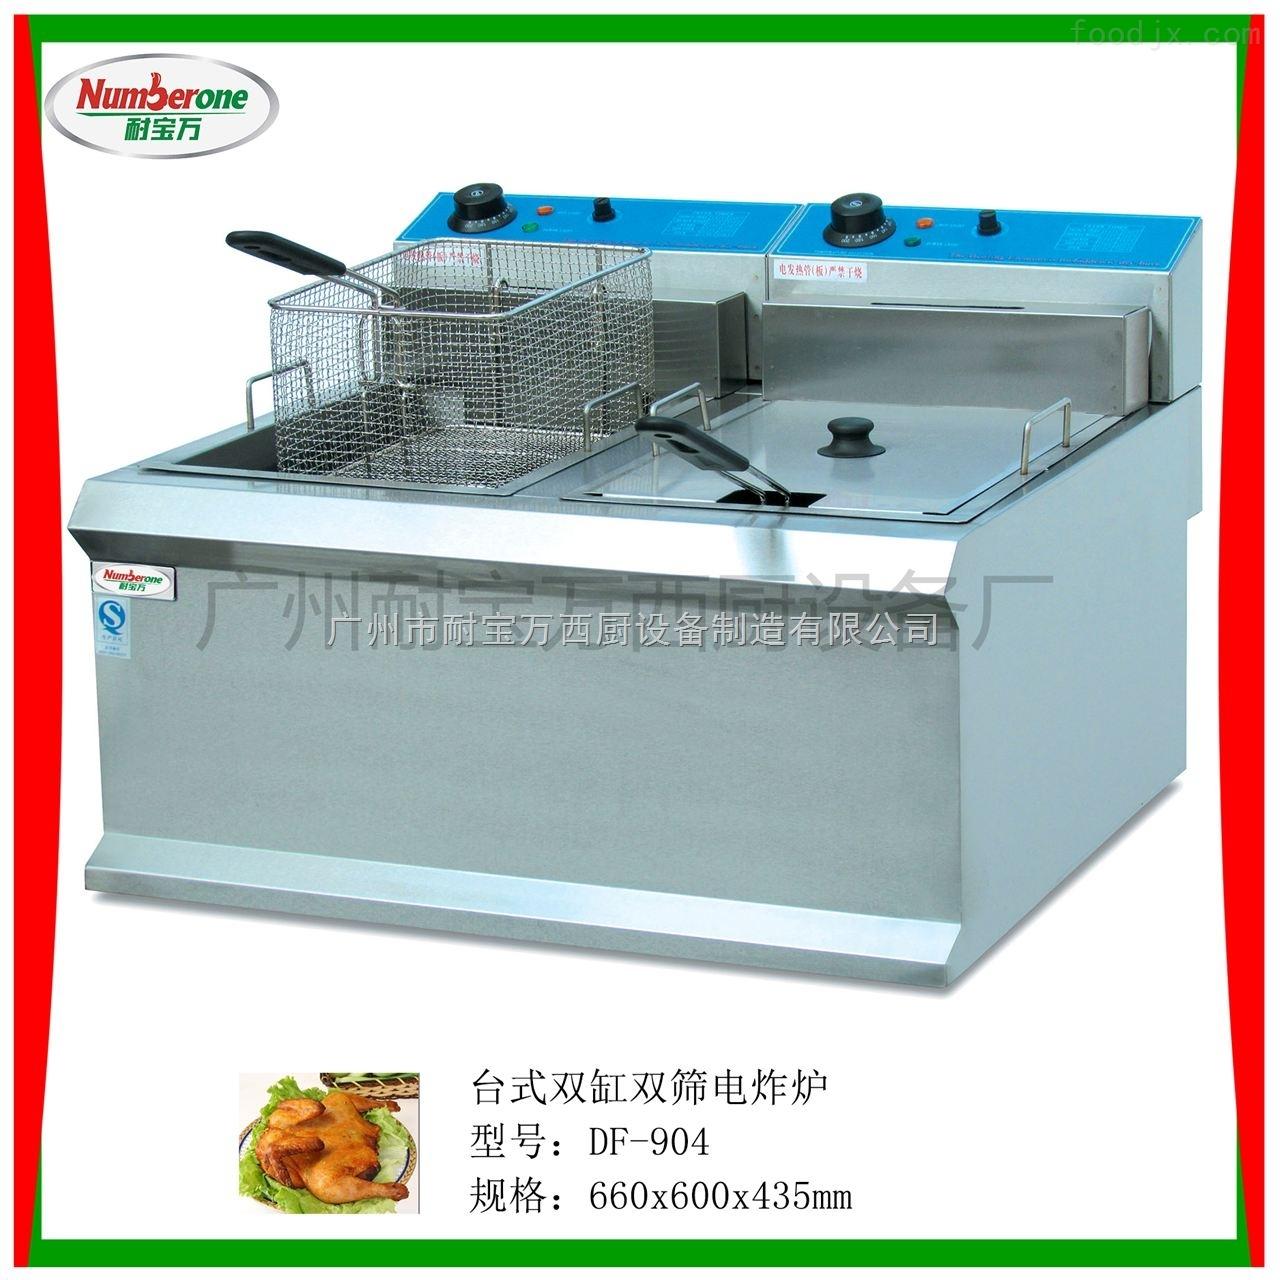 台式双缸双筛炸炉/油炸锅/油炸炉/快餐设备